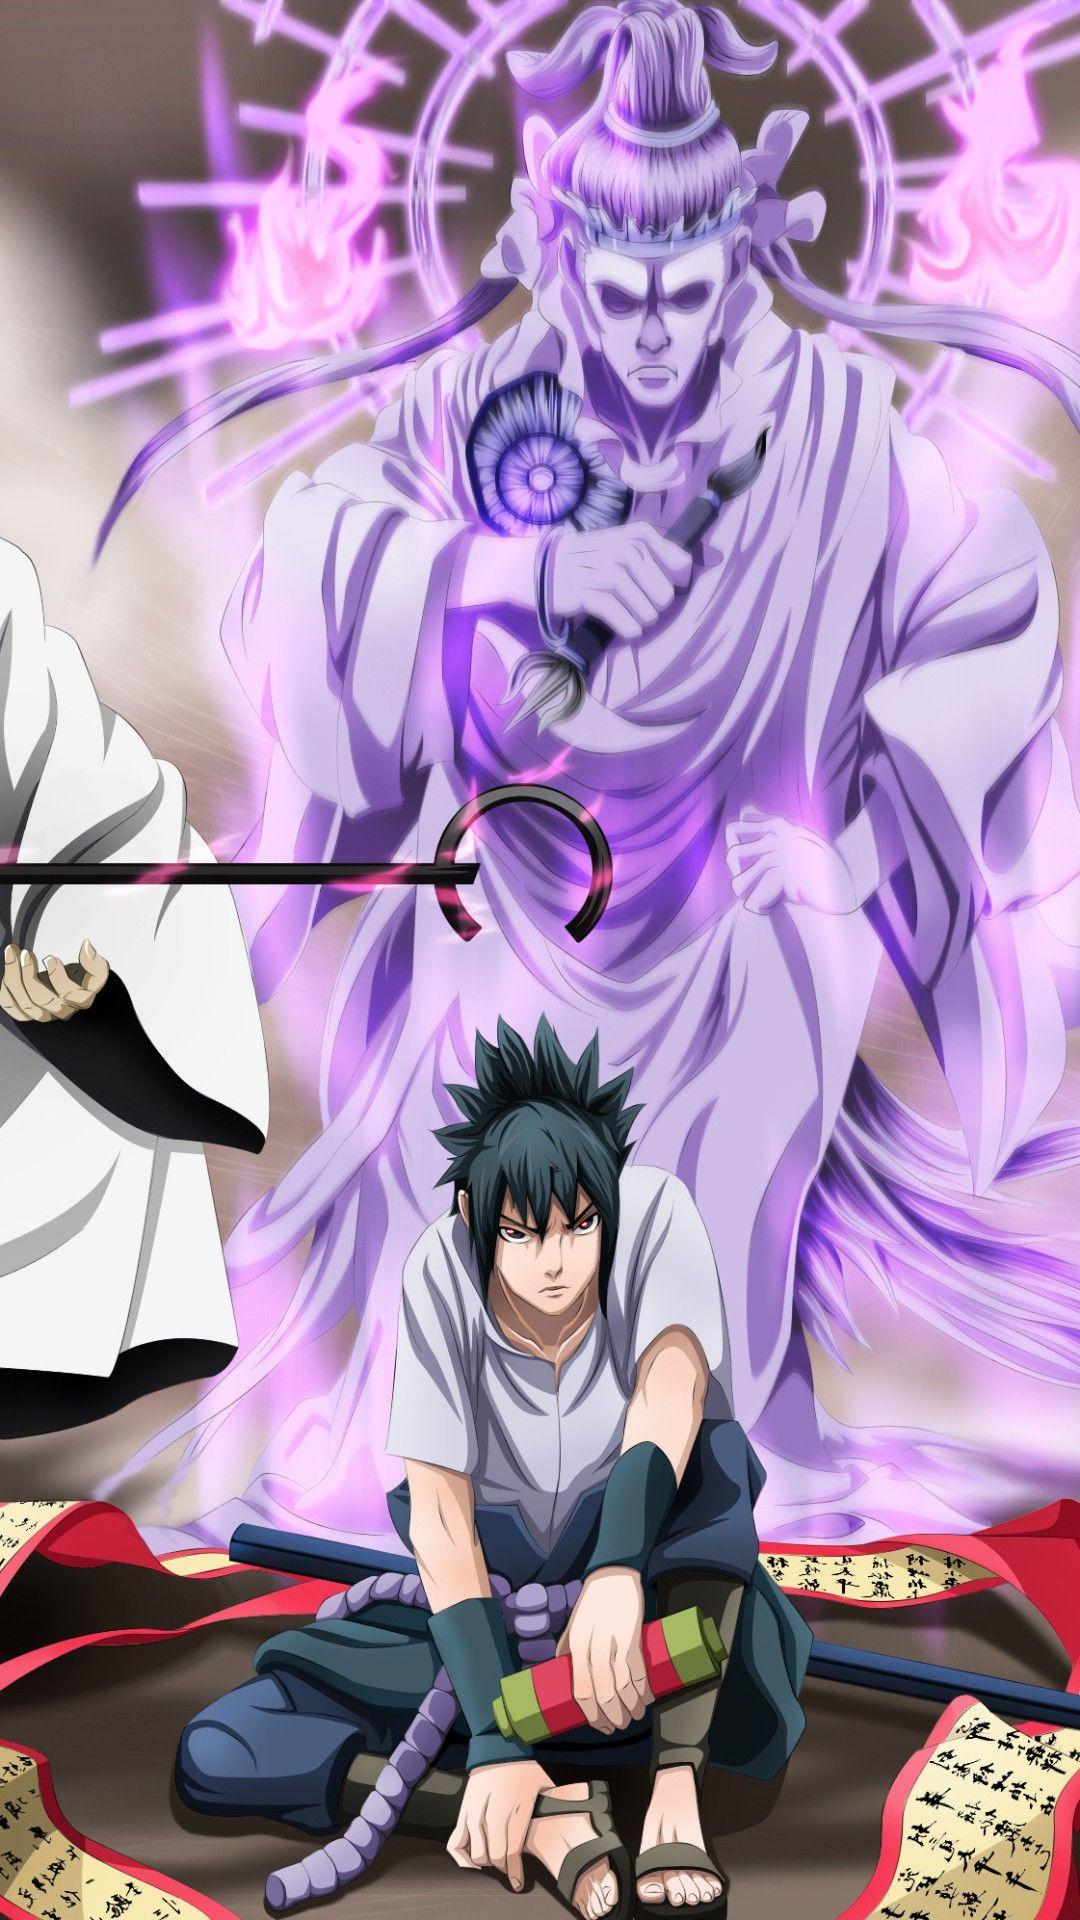 Wallpaper Phone Sasuke Full Hd Personagens Naruto Shippuden Desenhos De Anime Naruto Desenho